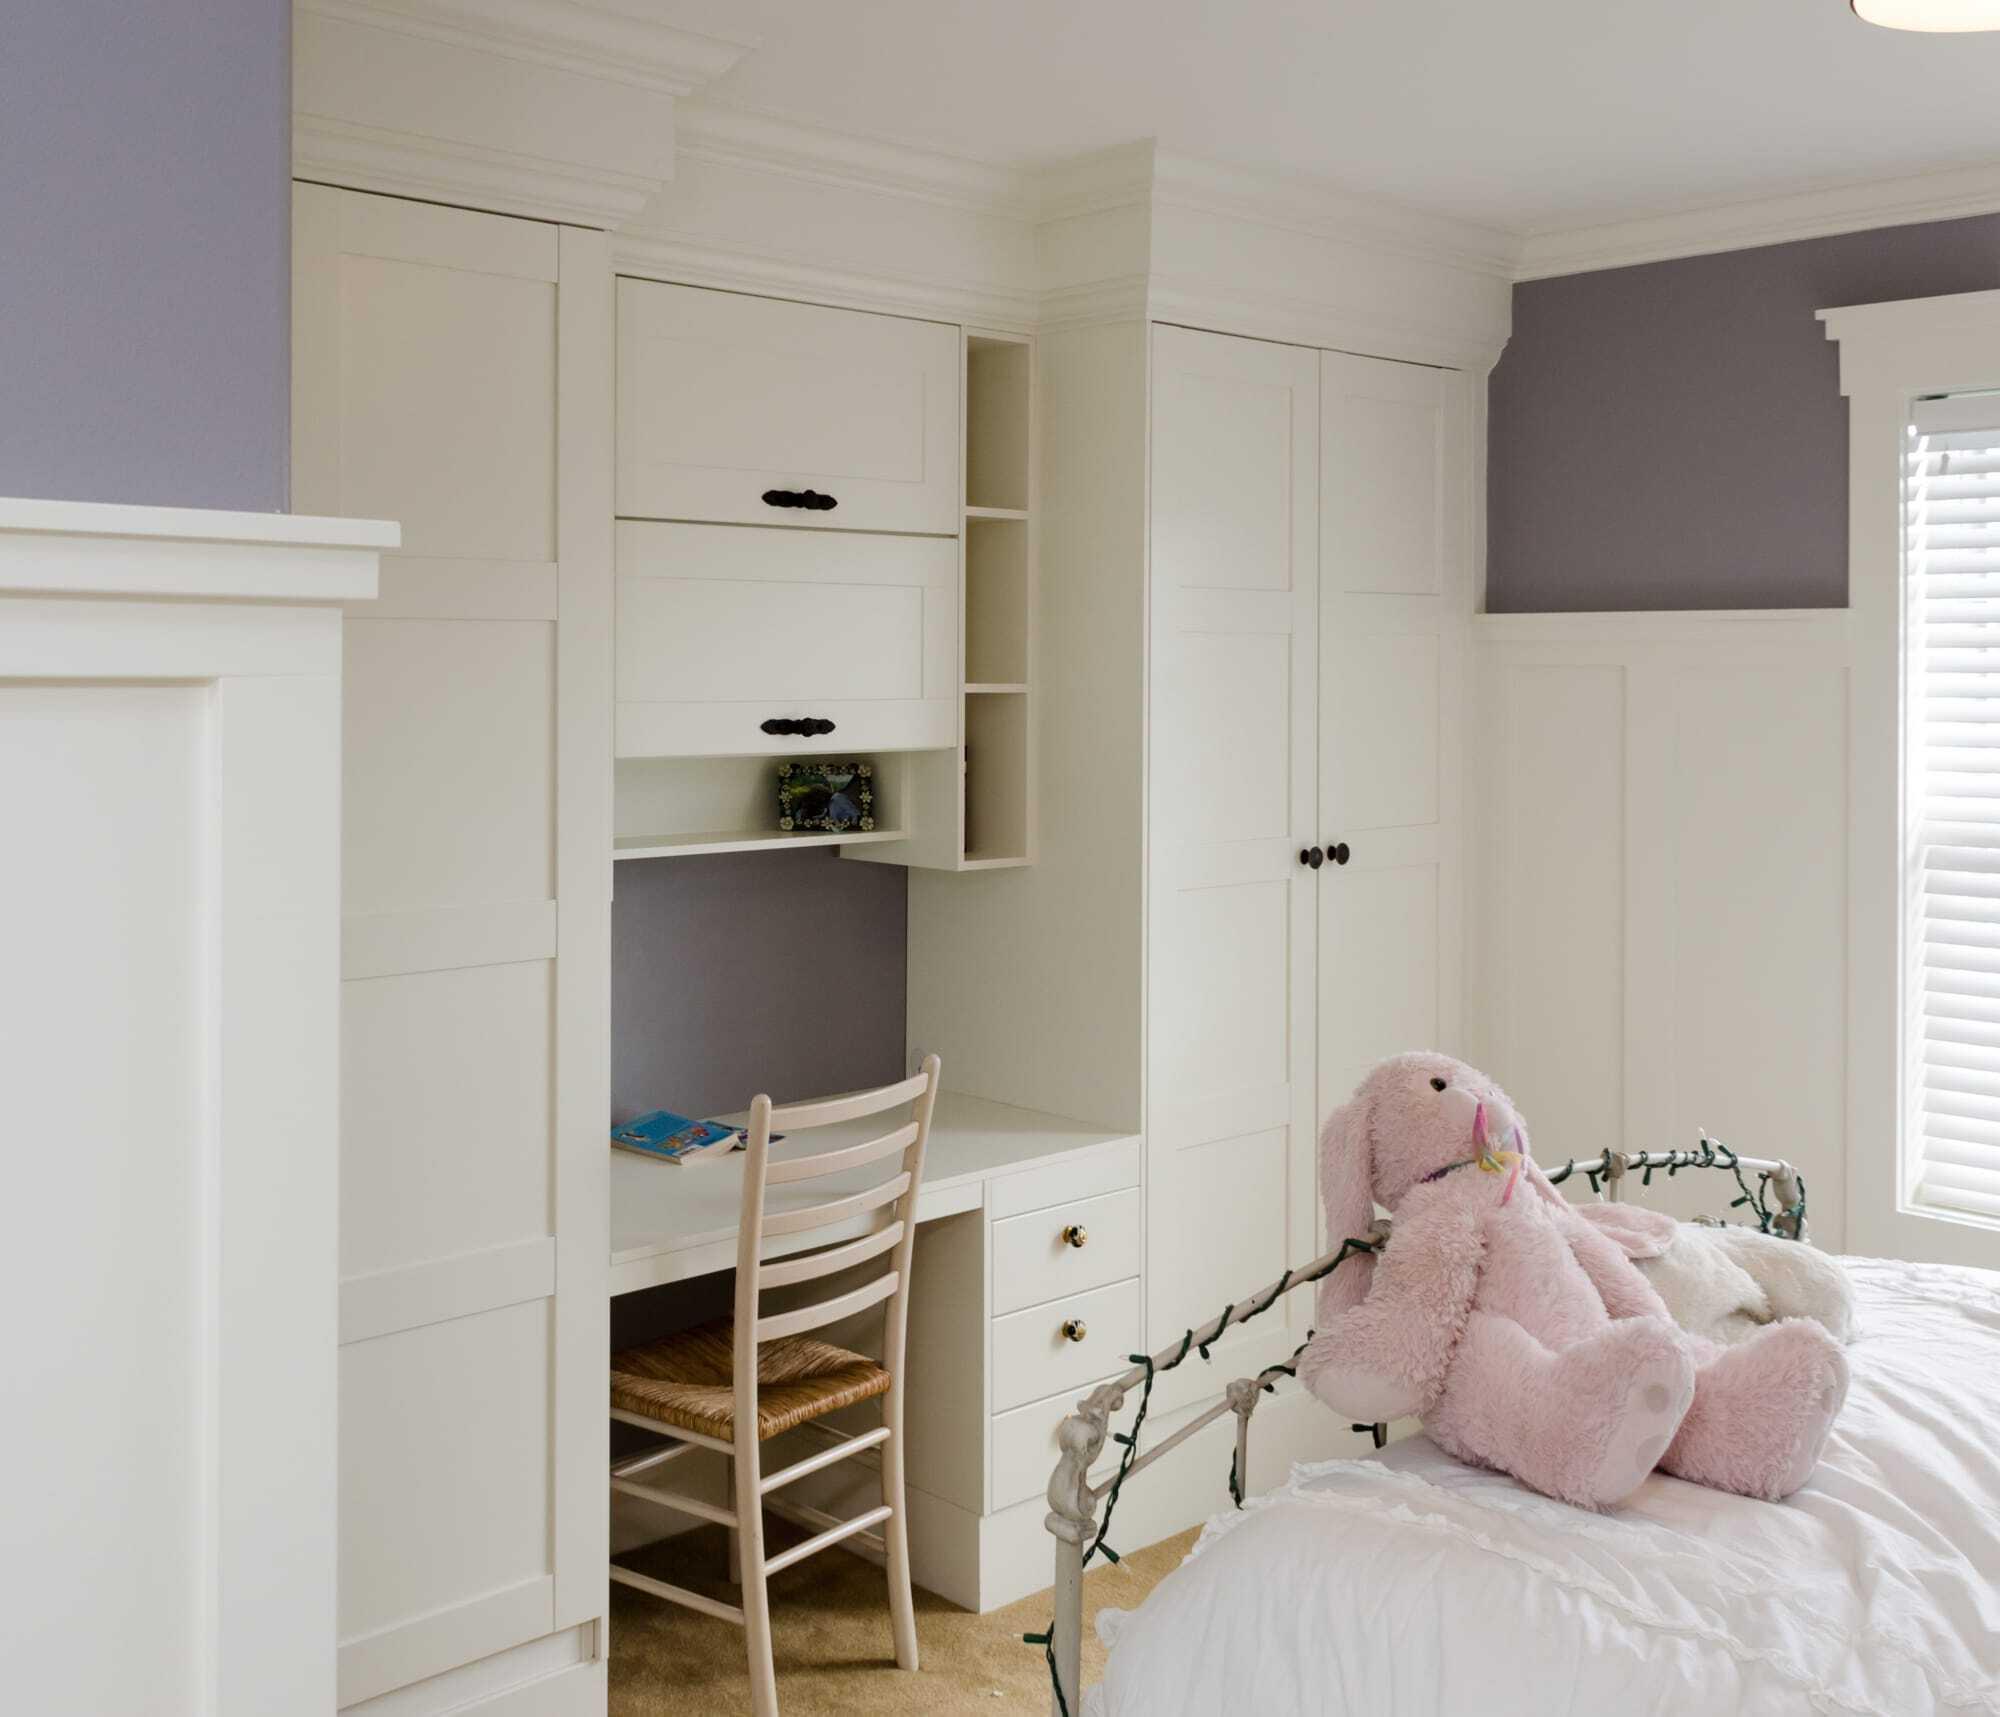 Ikea Värde Unterschrank Kaufen ~ Working With IKEA's PAX Wardrobe Units – NW homeworks